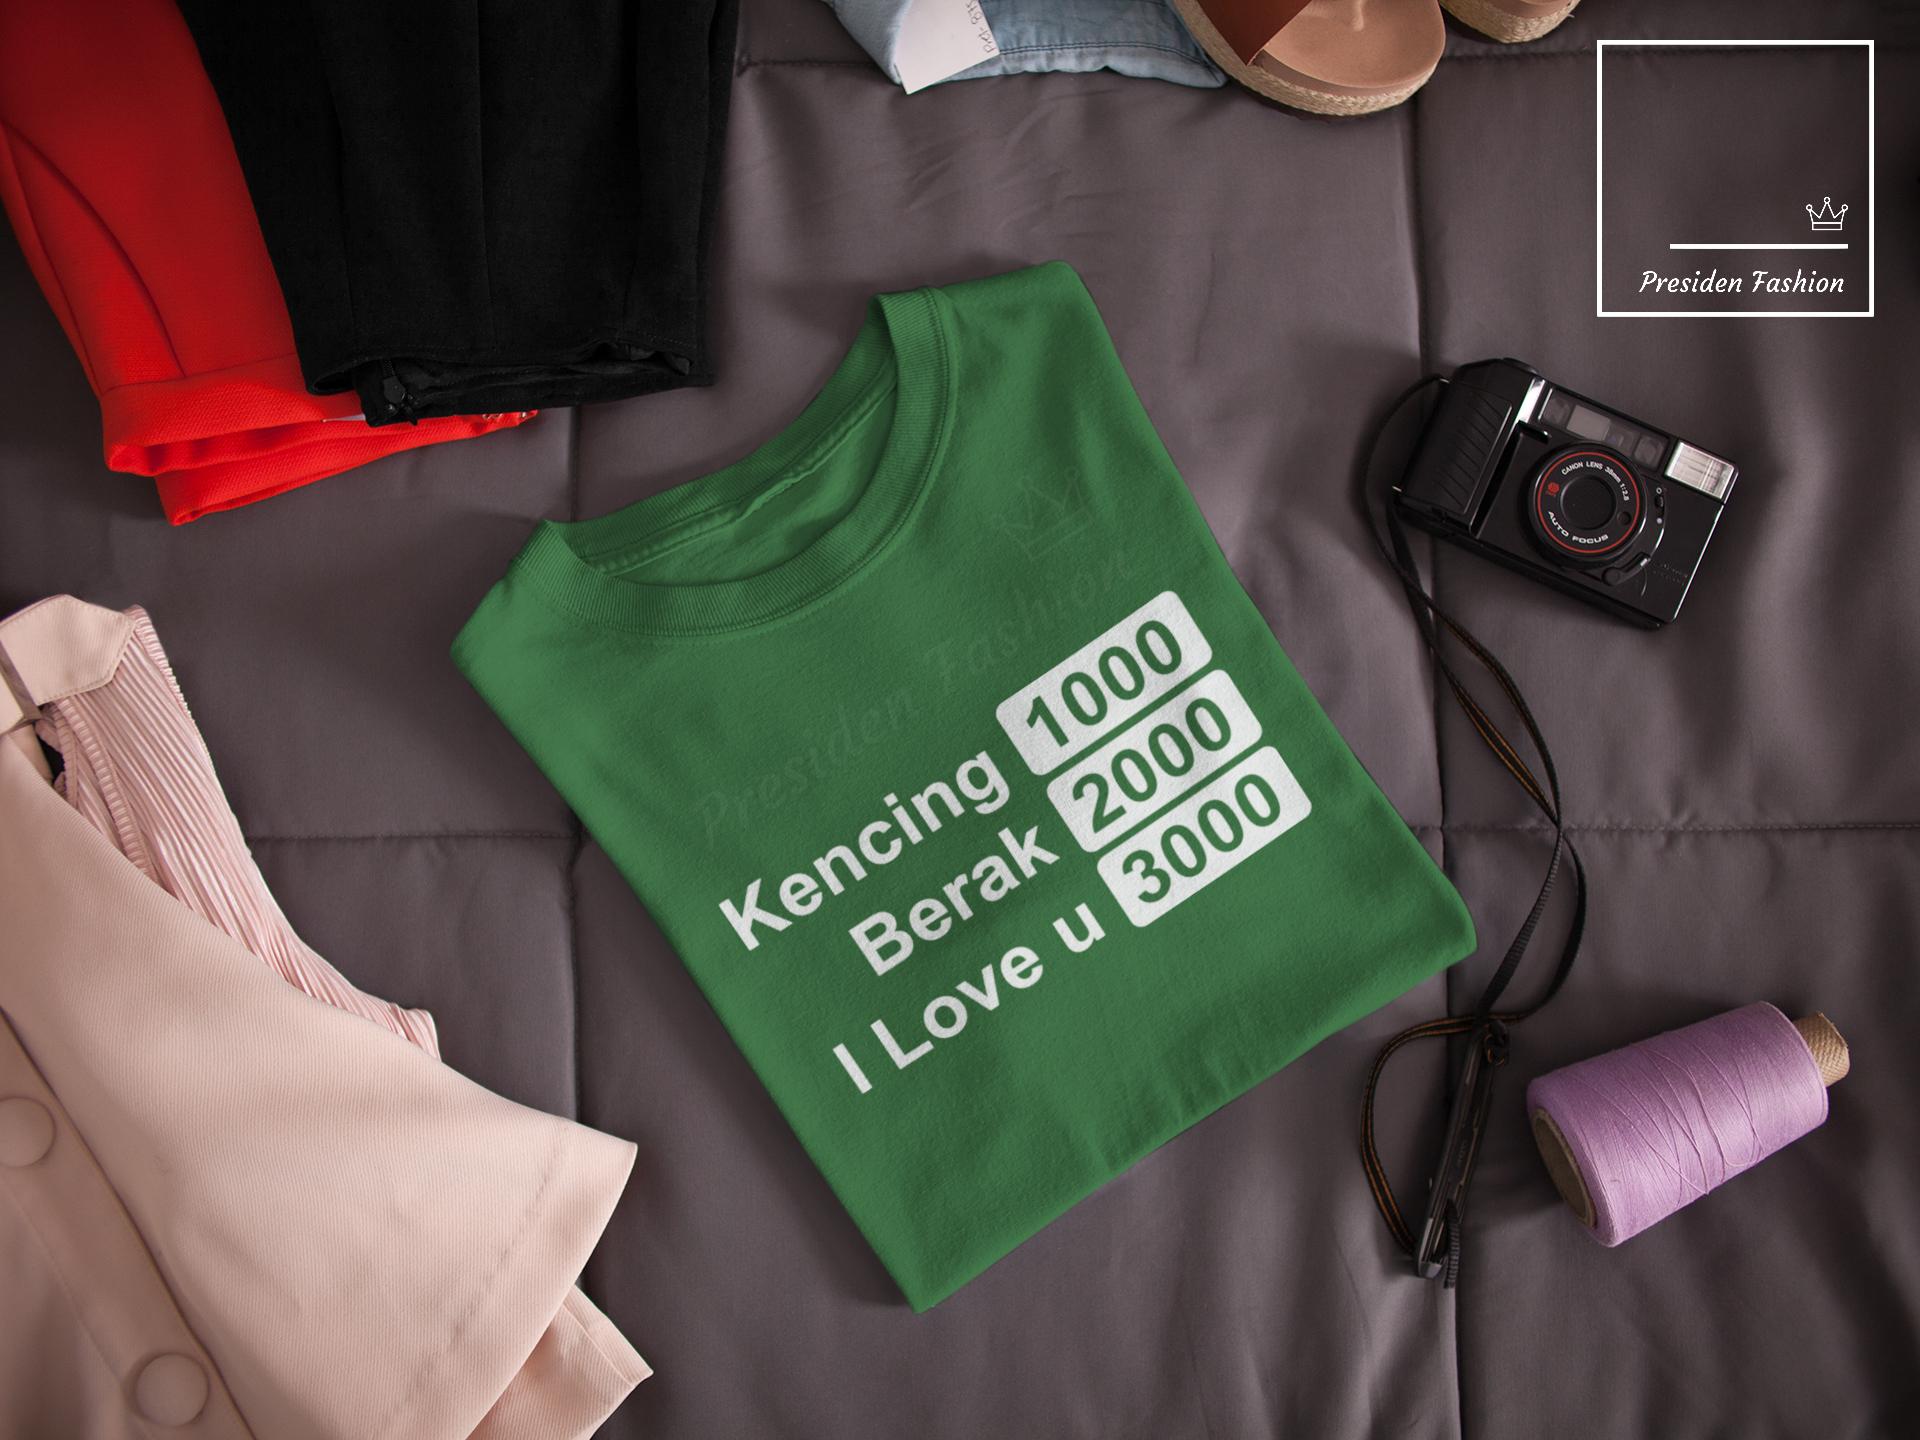 Presiden Fashion Kaos Distro T Shirt Fashion Soft Cotton Bed 30s Kaos Pria Baju Distro T Shirt Gambar Tulisan I Love U 3000 Terbaru Kata2